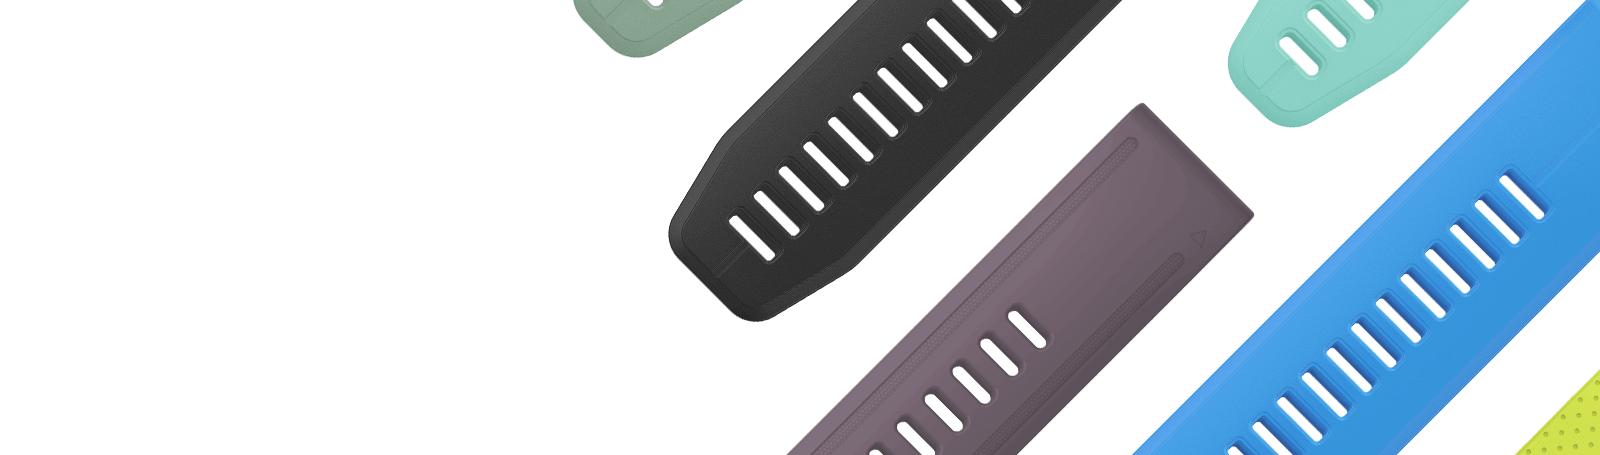 Les bracelets QuickFit® vous permettent d'assortir votre montre à votre style sans outil.